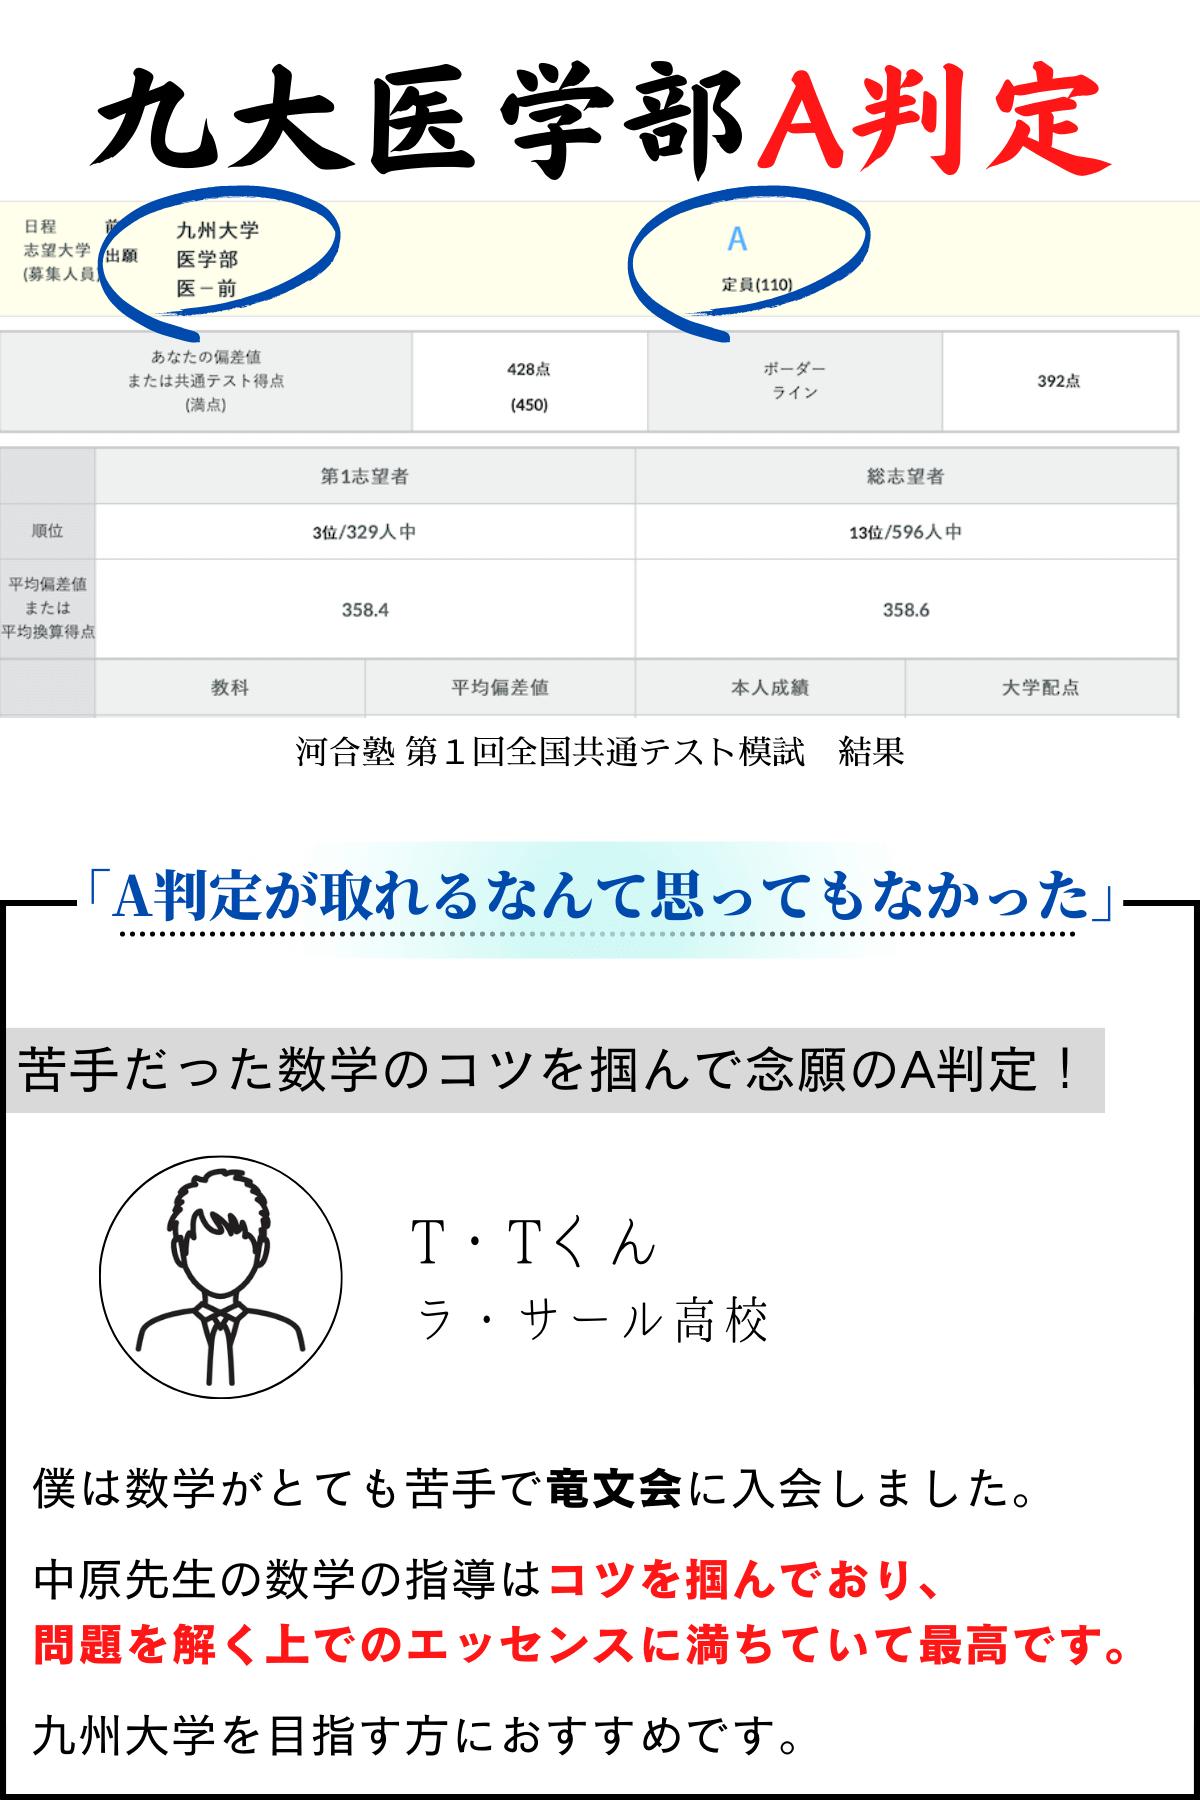 九大医学部A判定